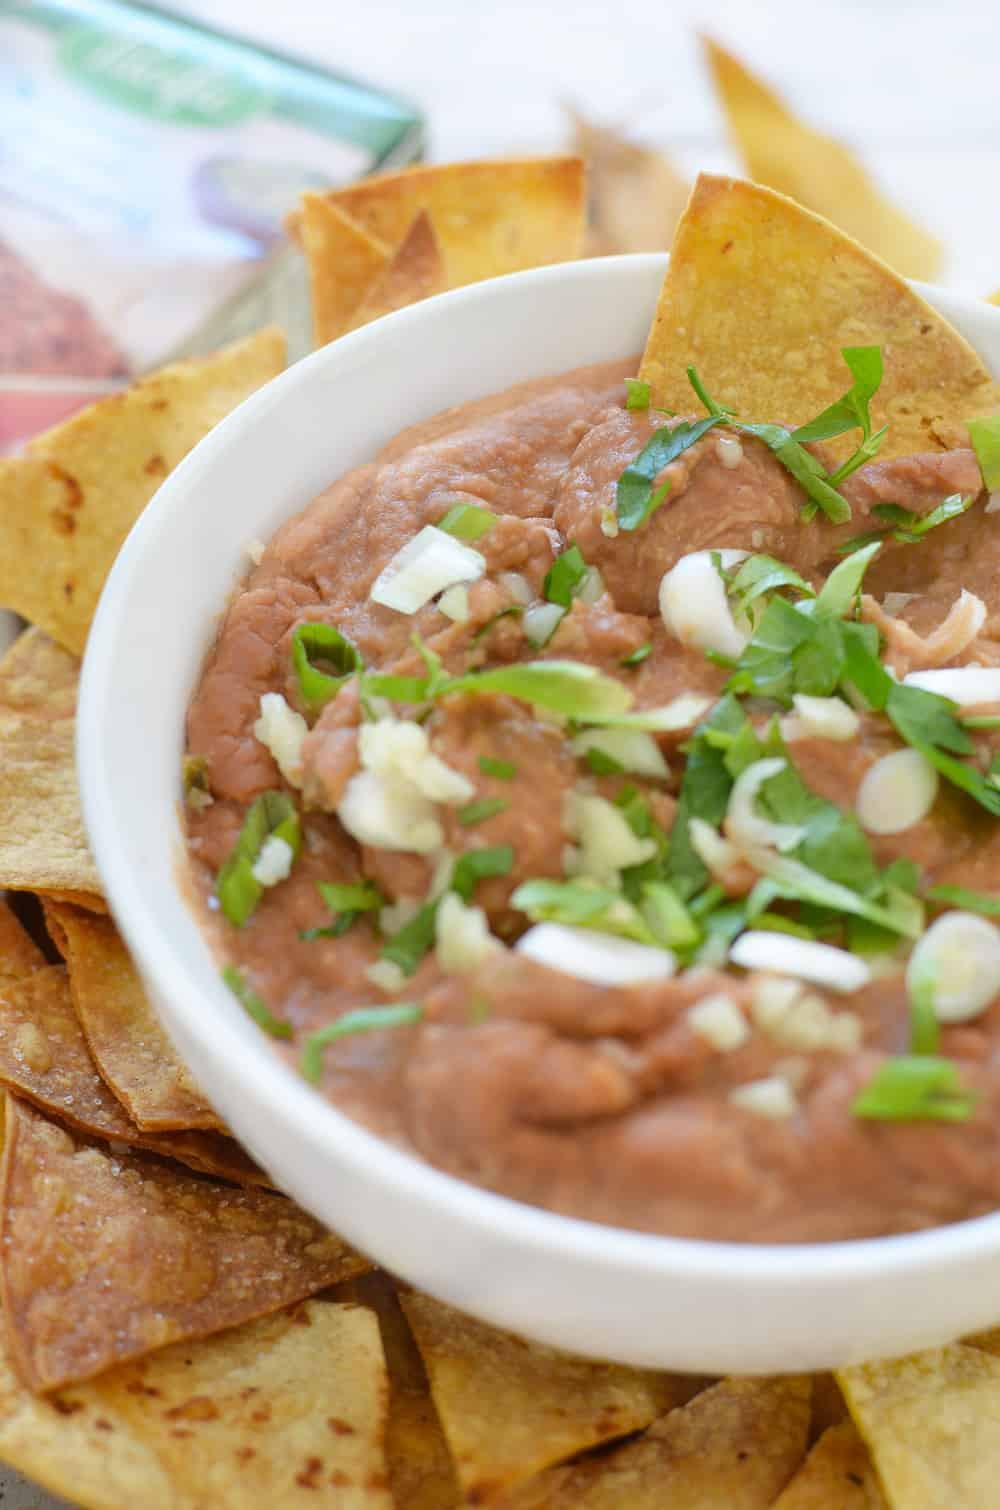 Vegan Bean Dip Recipes  spicy bean dip ve arian